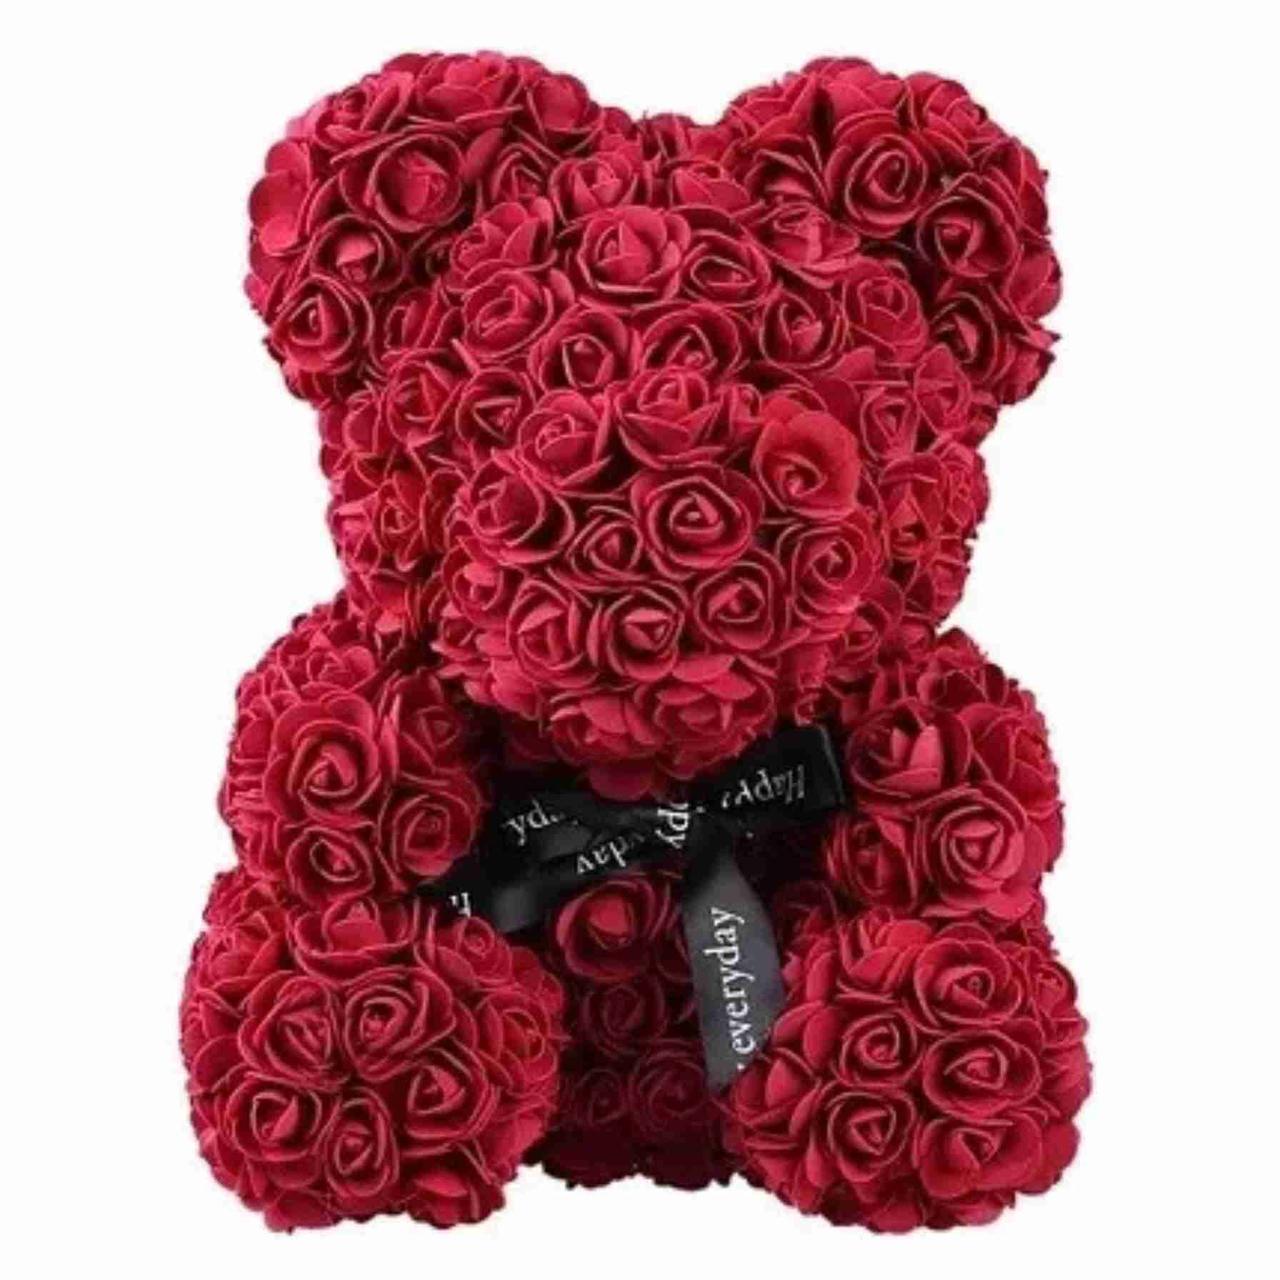 Мишка из 3D роз высотой 25см / Мишка из 3D роз Zupo Crafts 25 см Бордовый